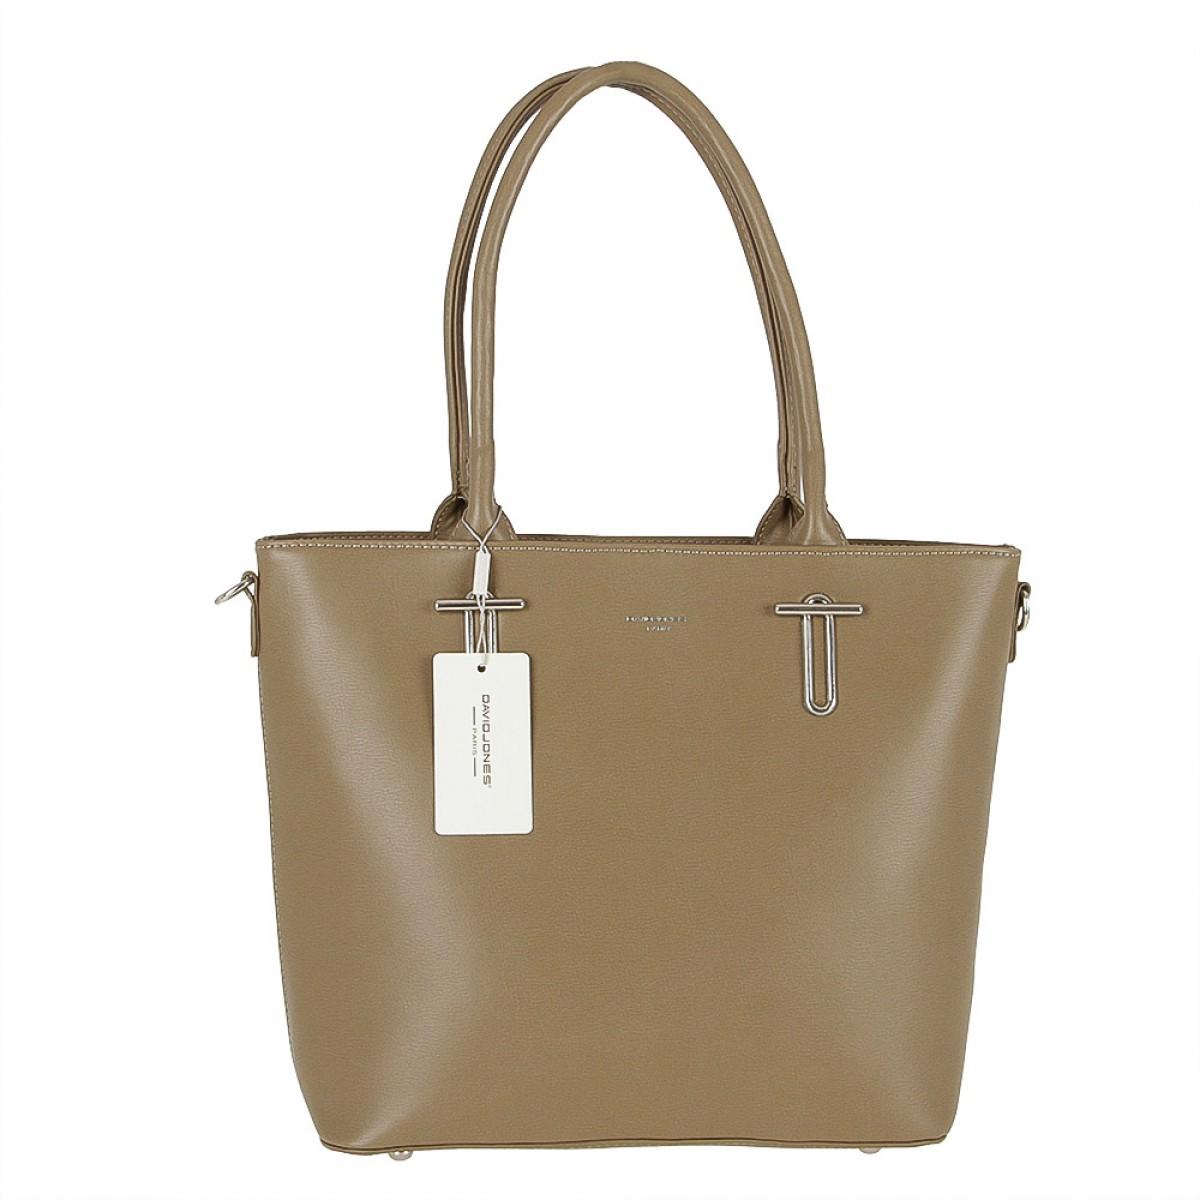 Жіноча сумка David Jones 5643-2 KHAKI